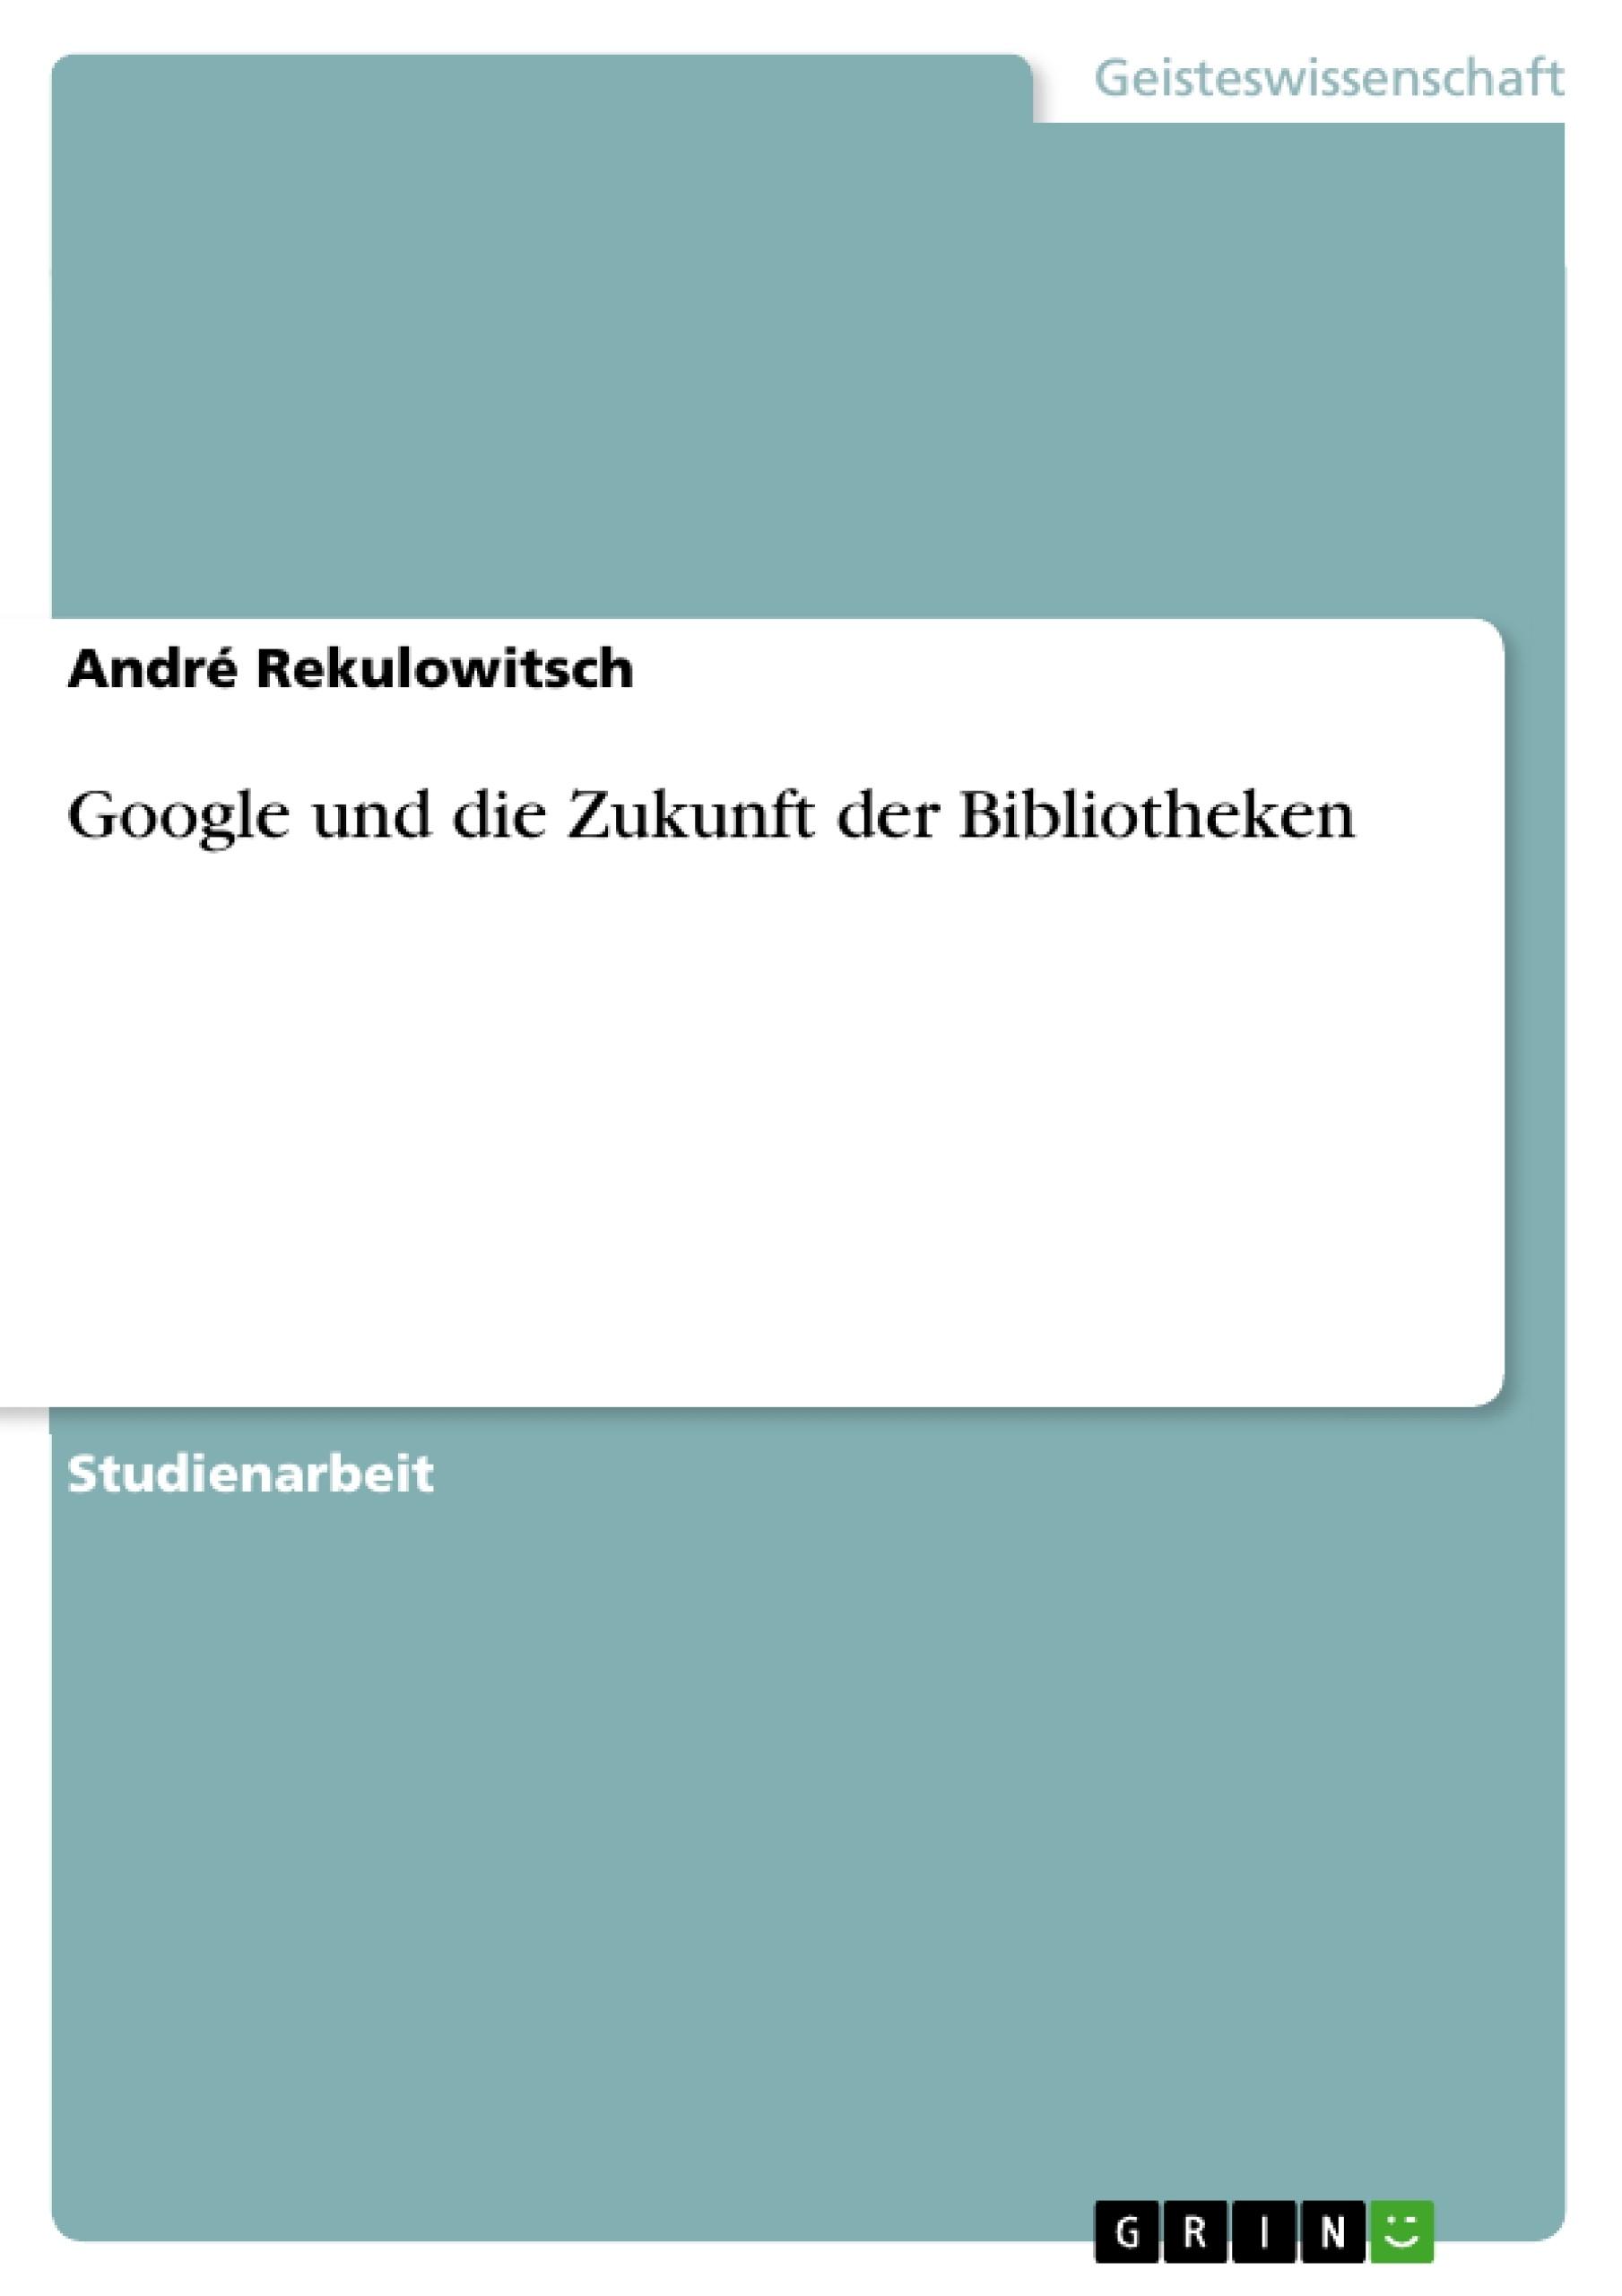 Titel: Google und die Zukunft der Bibliotheken